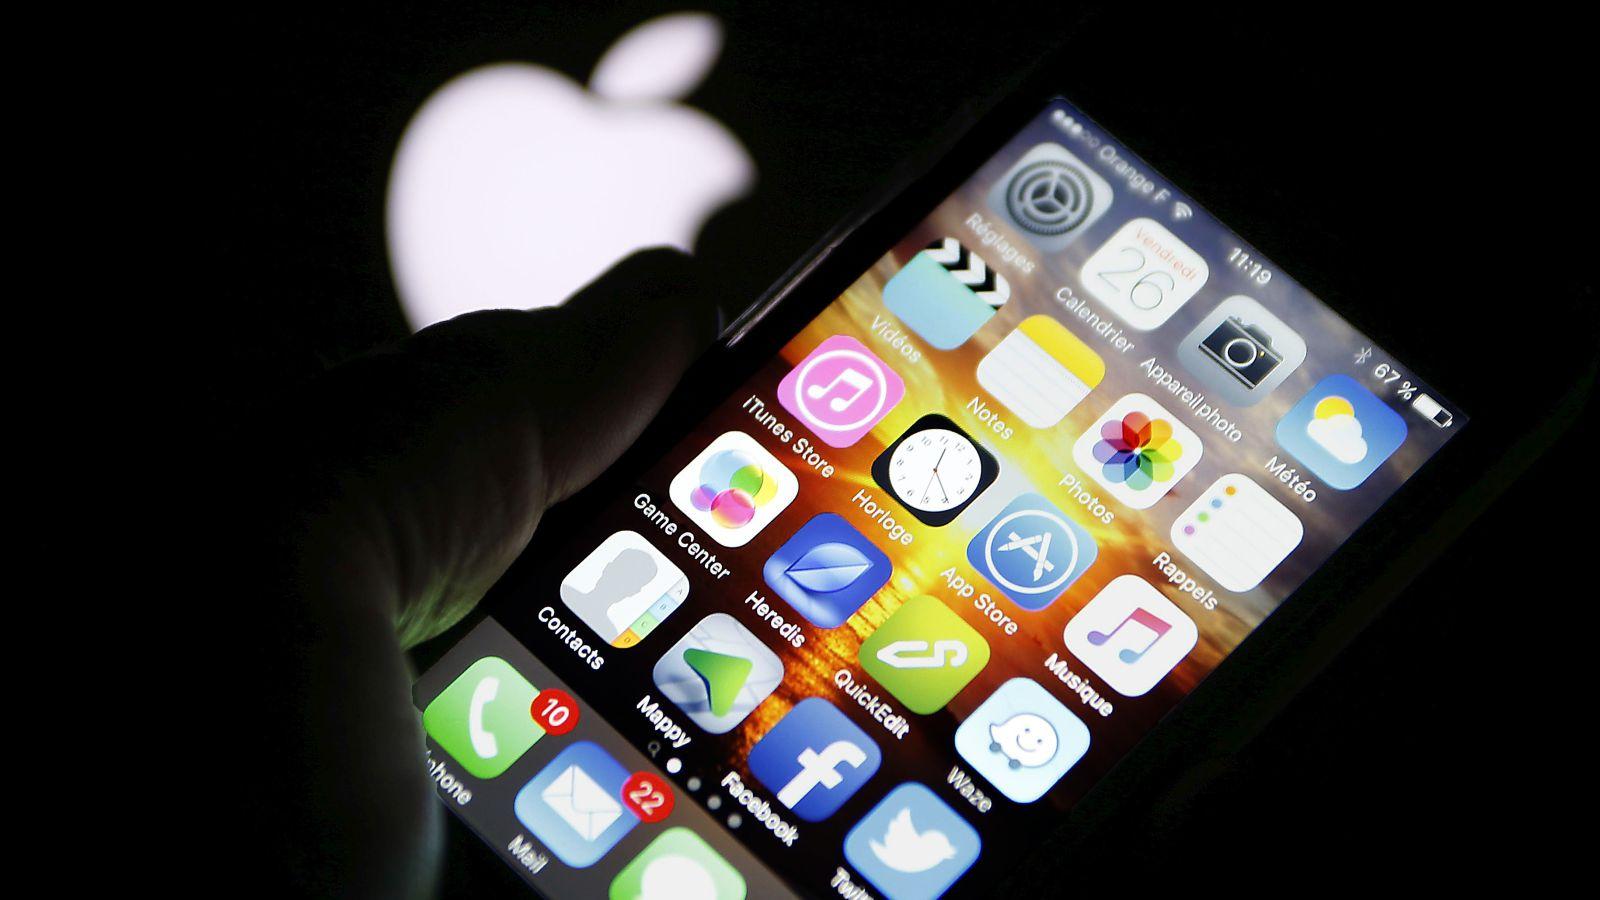 iPhone\'a başqaları tərəfindən müdaxilə olunub olmadığını ortaya çıxaran tətbiq